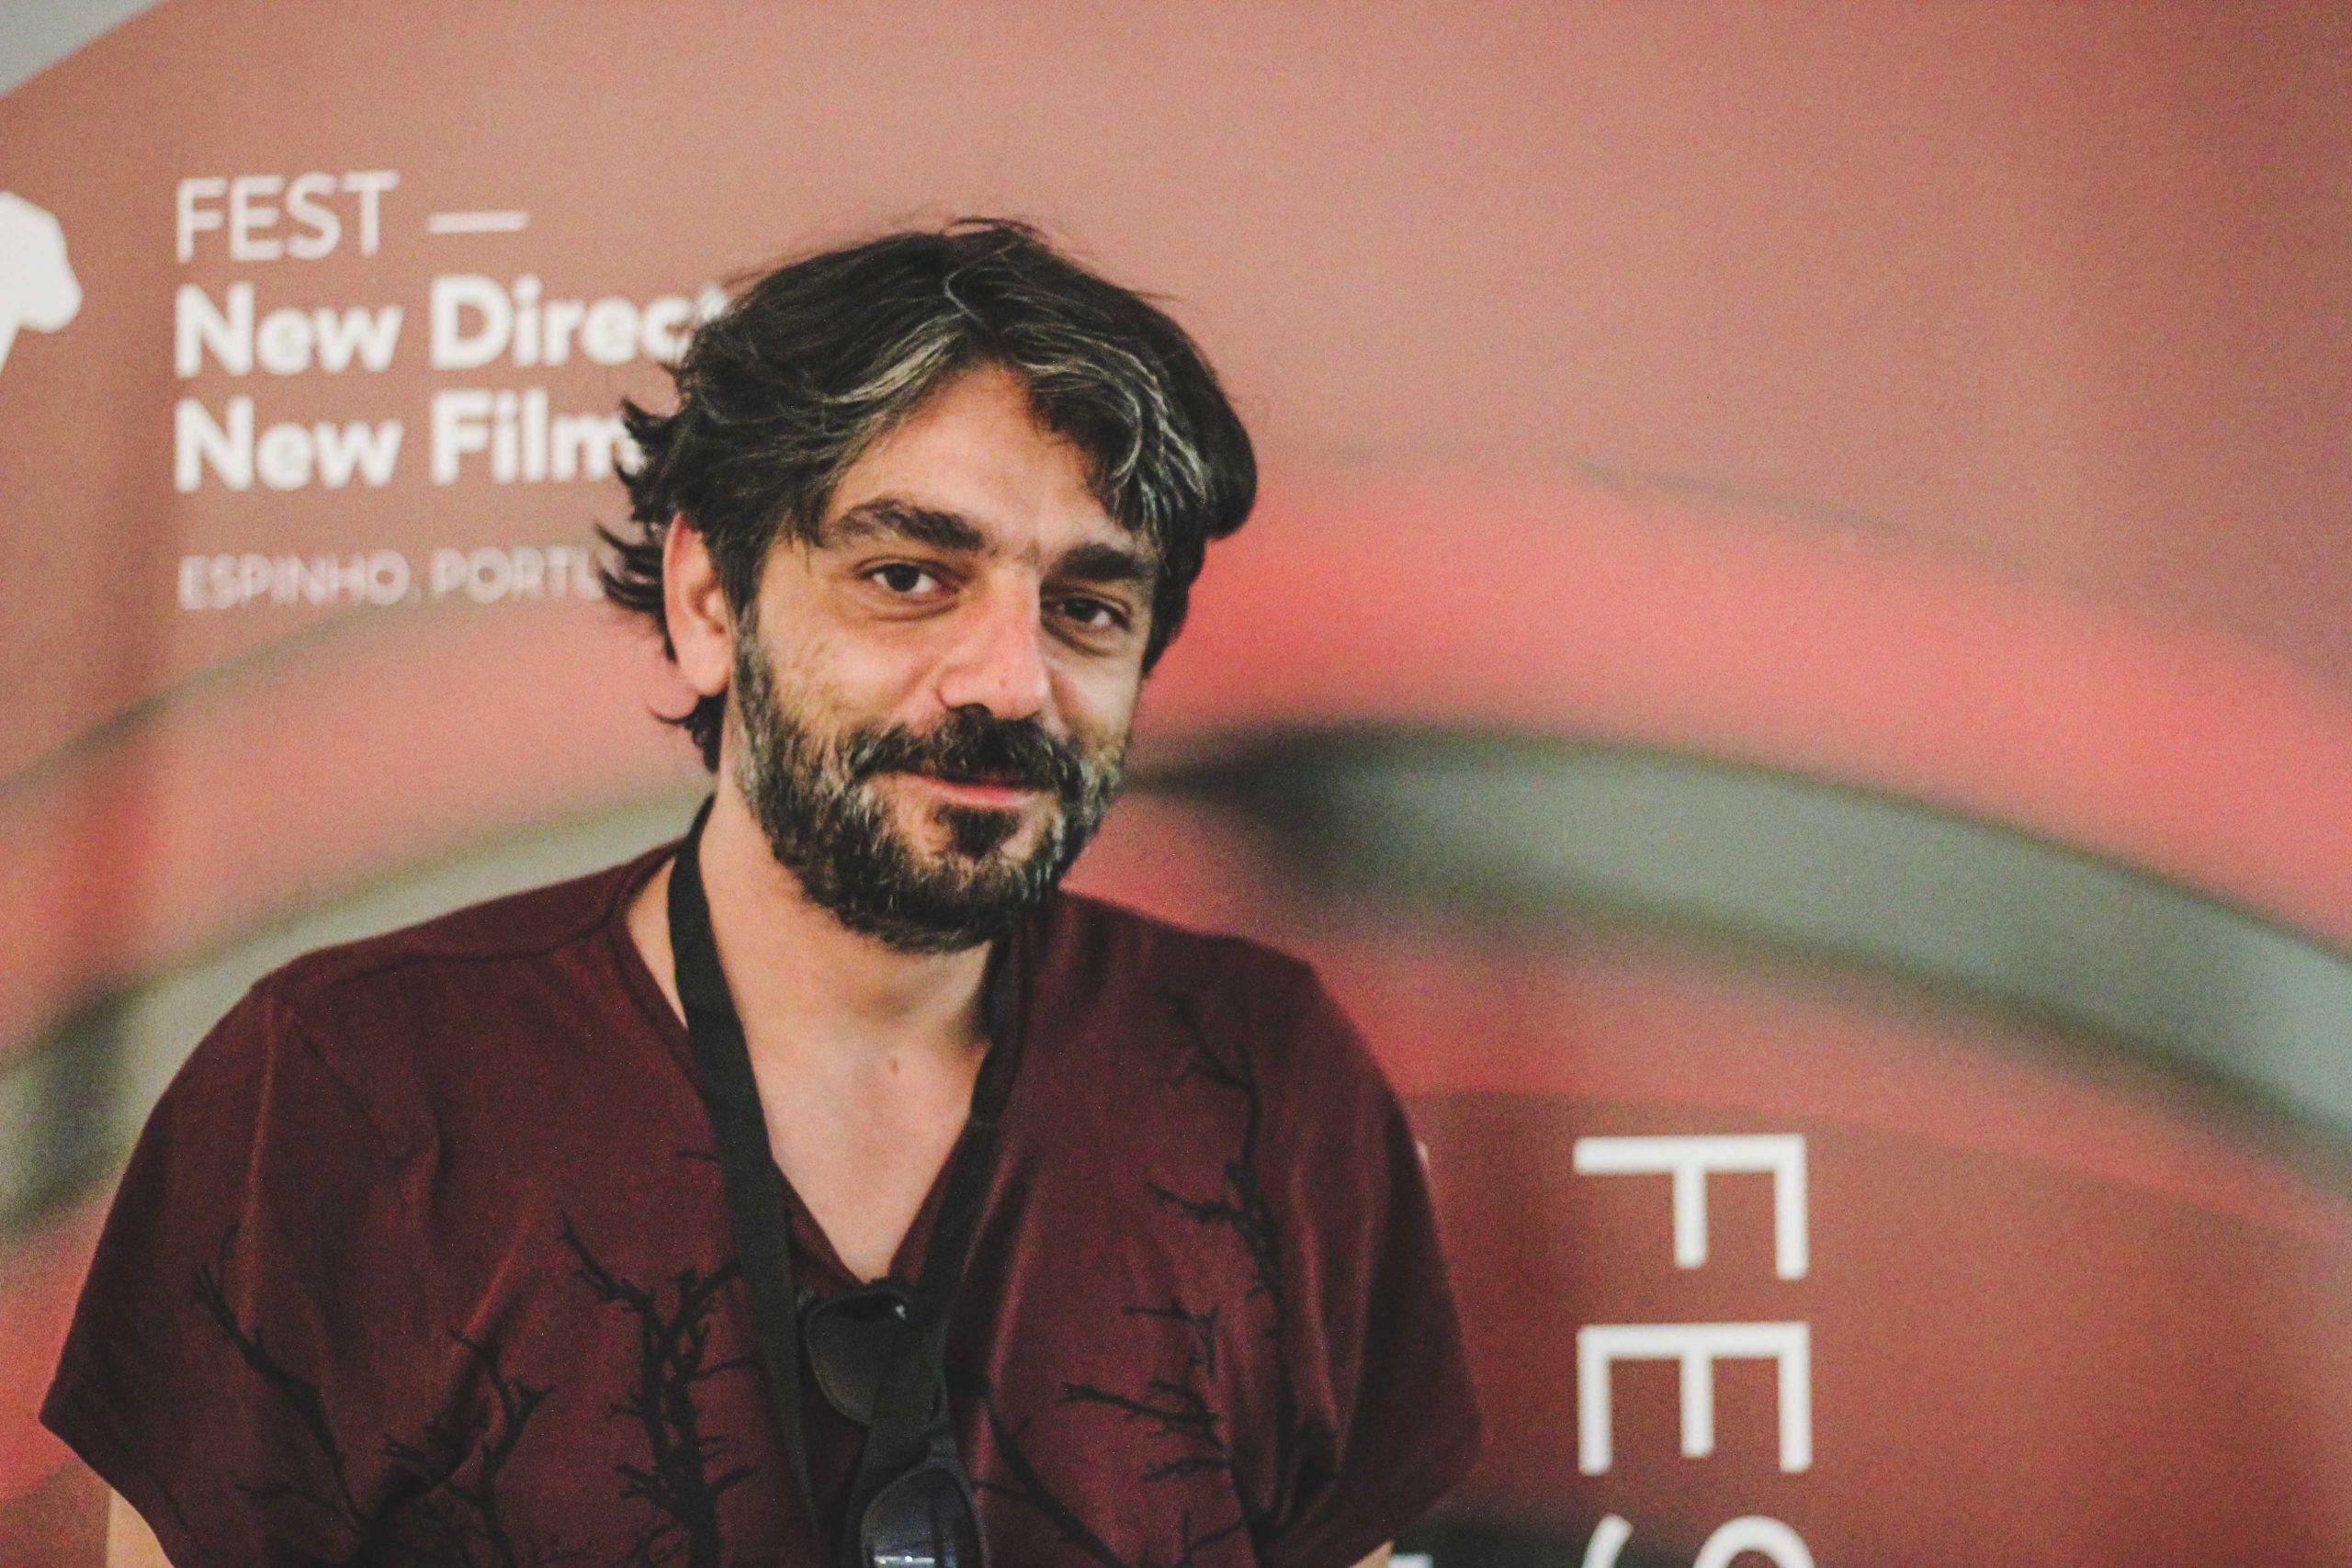 """Entrevista. André Gil Mata: a arte """"não é uma procura por dinheiro, é uma procura interior"""""""